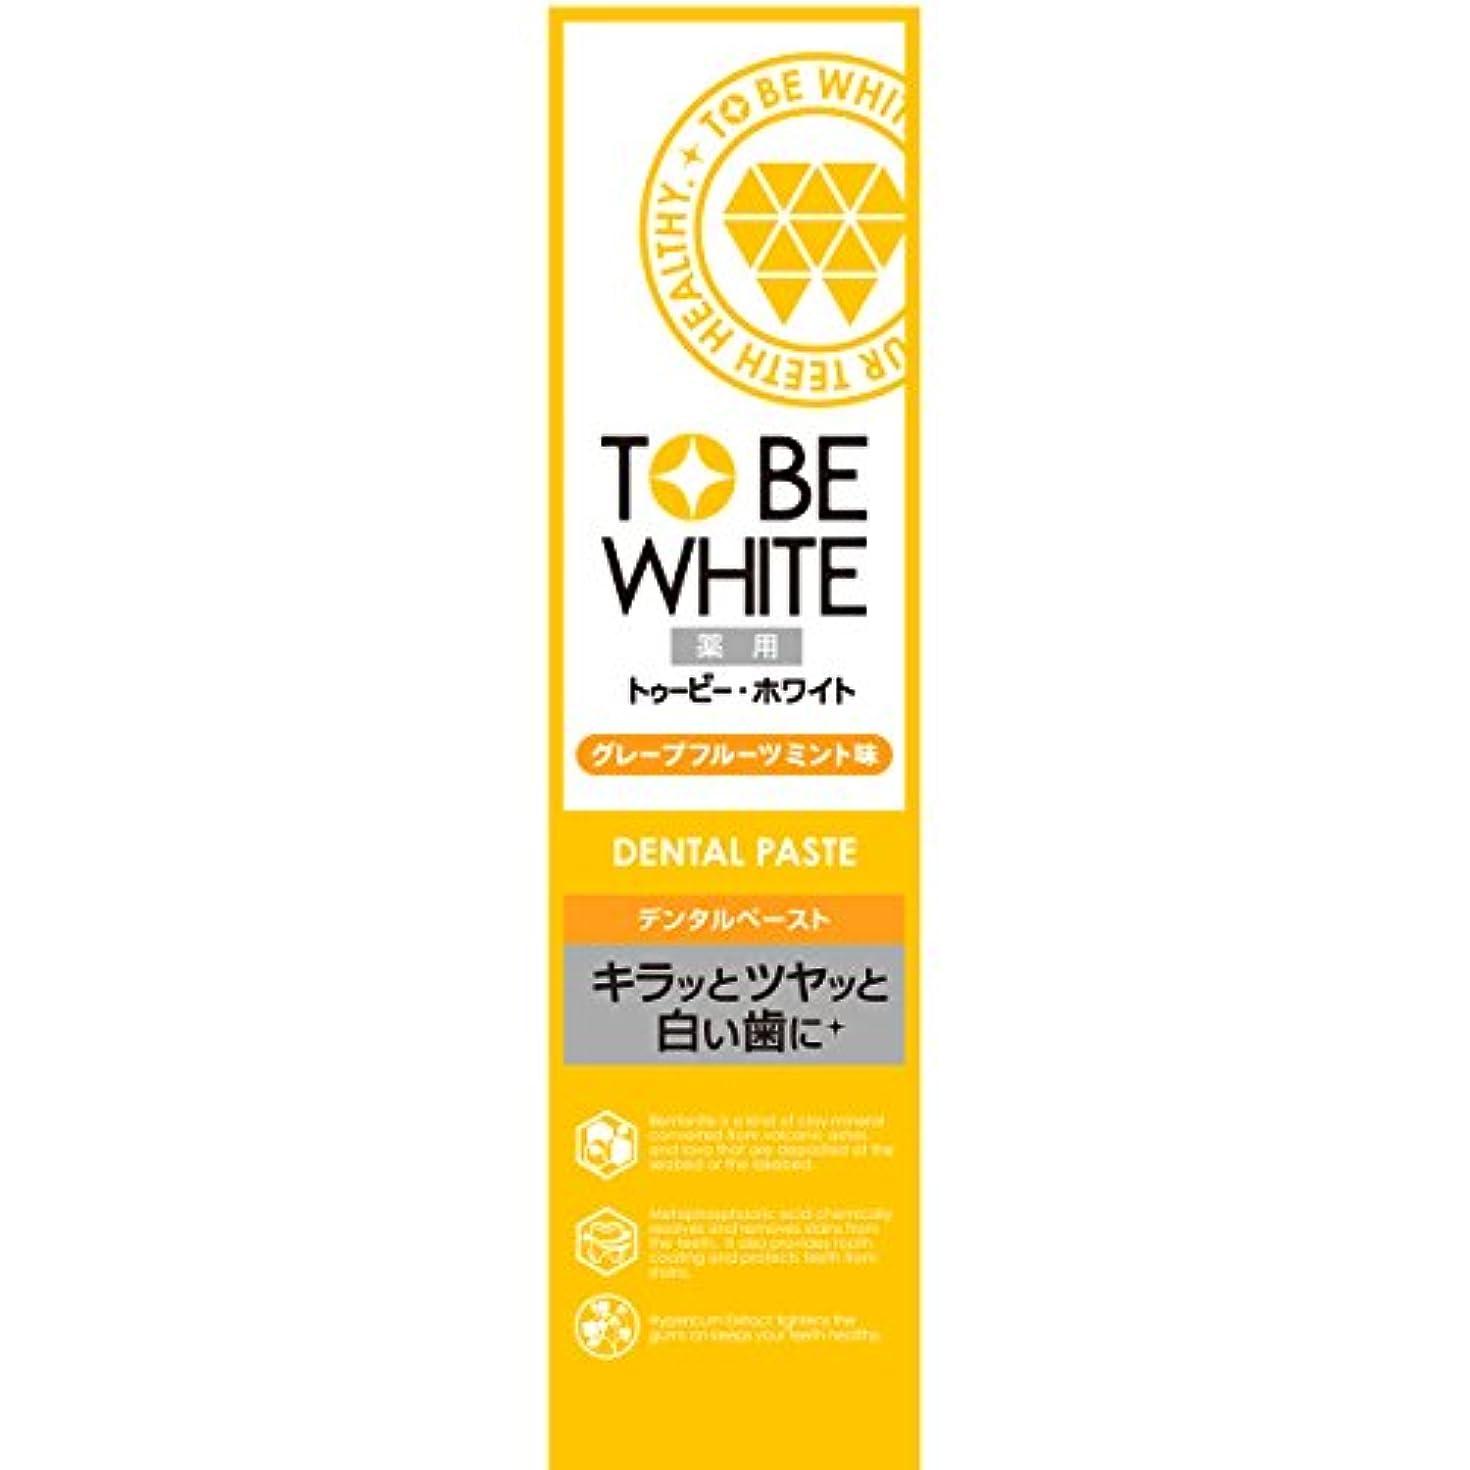 インド努力する状況トゥービー?ホワイト 薬用 ホワイトニング ハミガキ粉 グレープフルーツミント 味 60g 【医薬部外品】